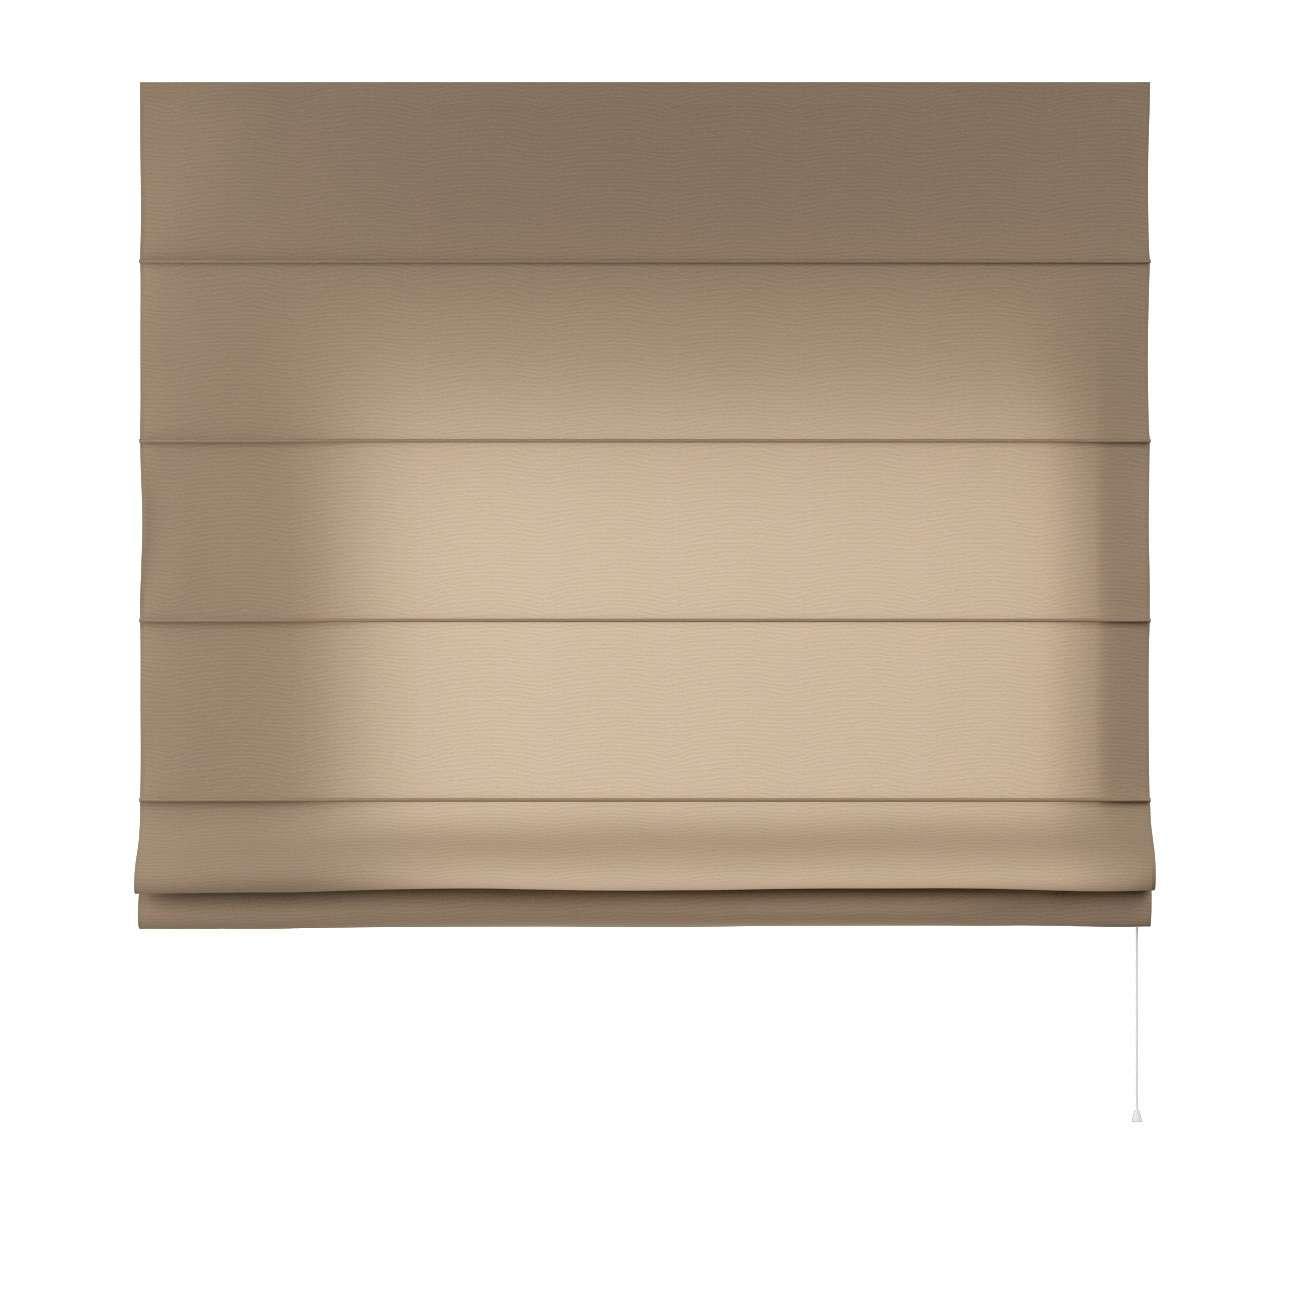 Romanetės Capri 80 x 170 cm (plotis x ilgis) kolekcijoje Quadro, audinys: 136-09